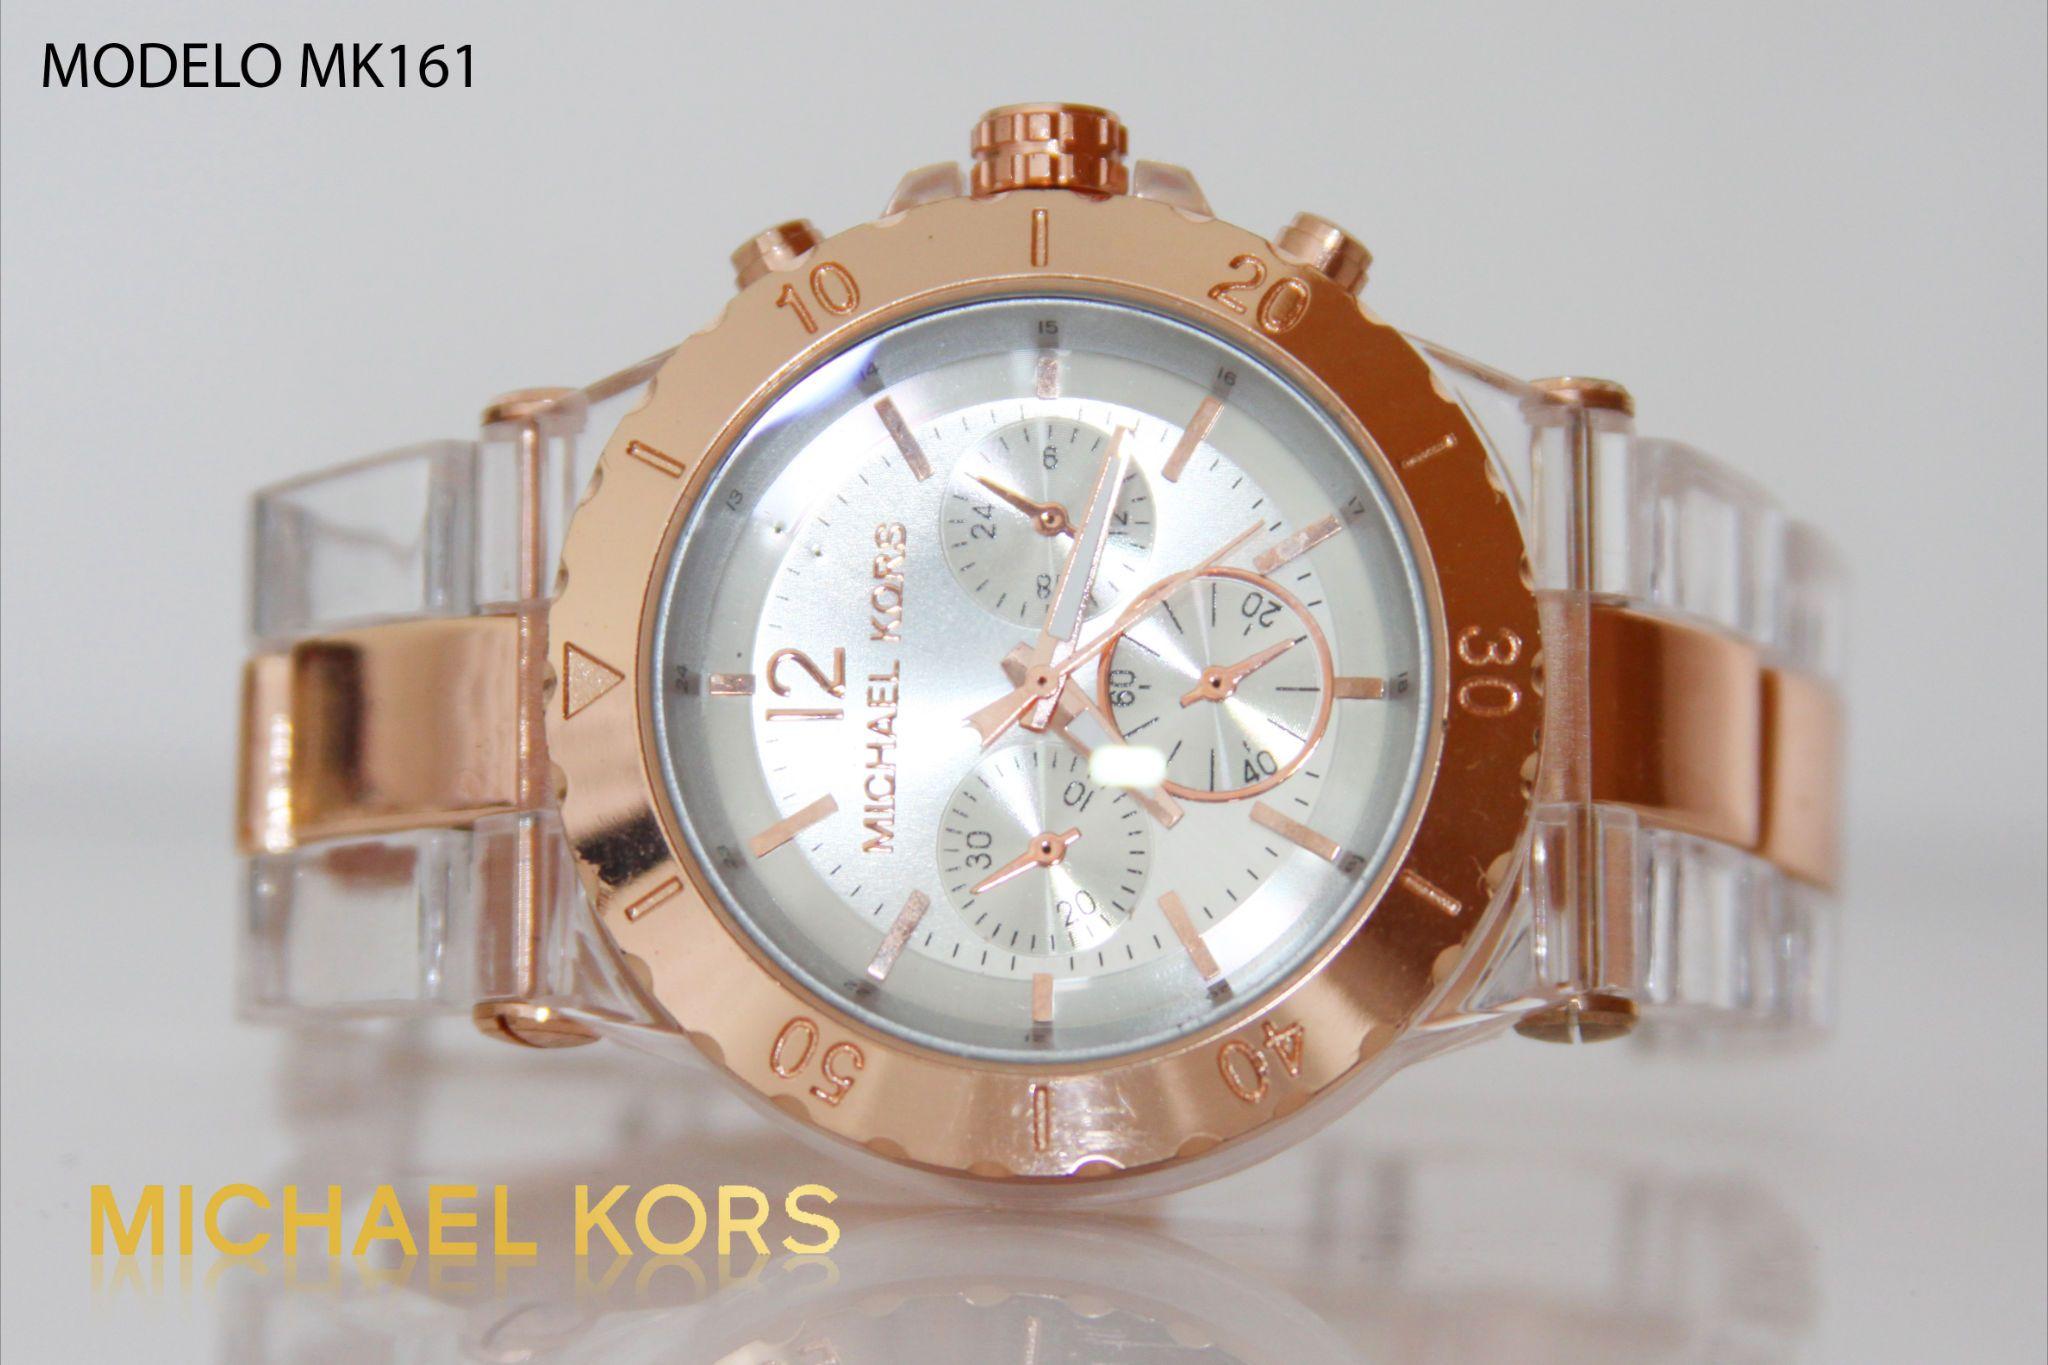 Reloj Michael kors dama dorado transparente   Moda   Pinterest ... 6851729ba2